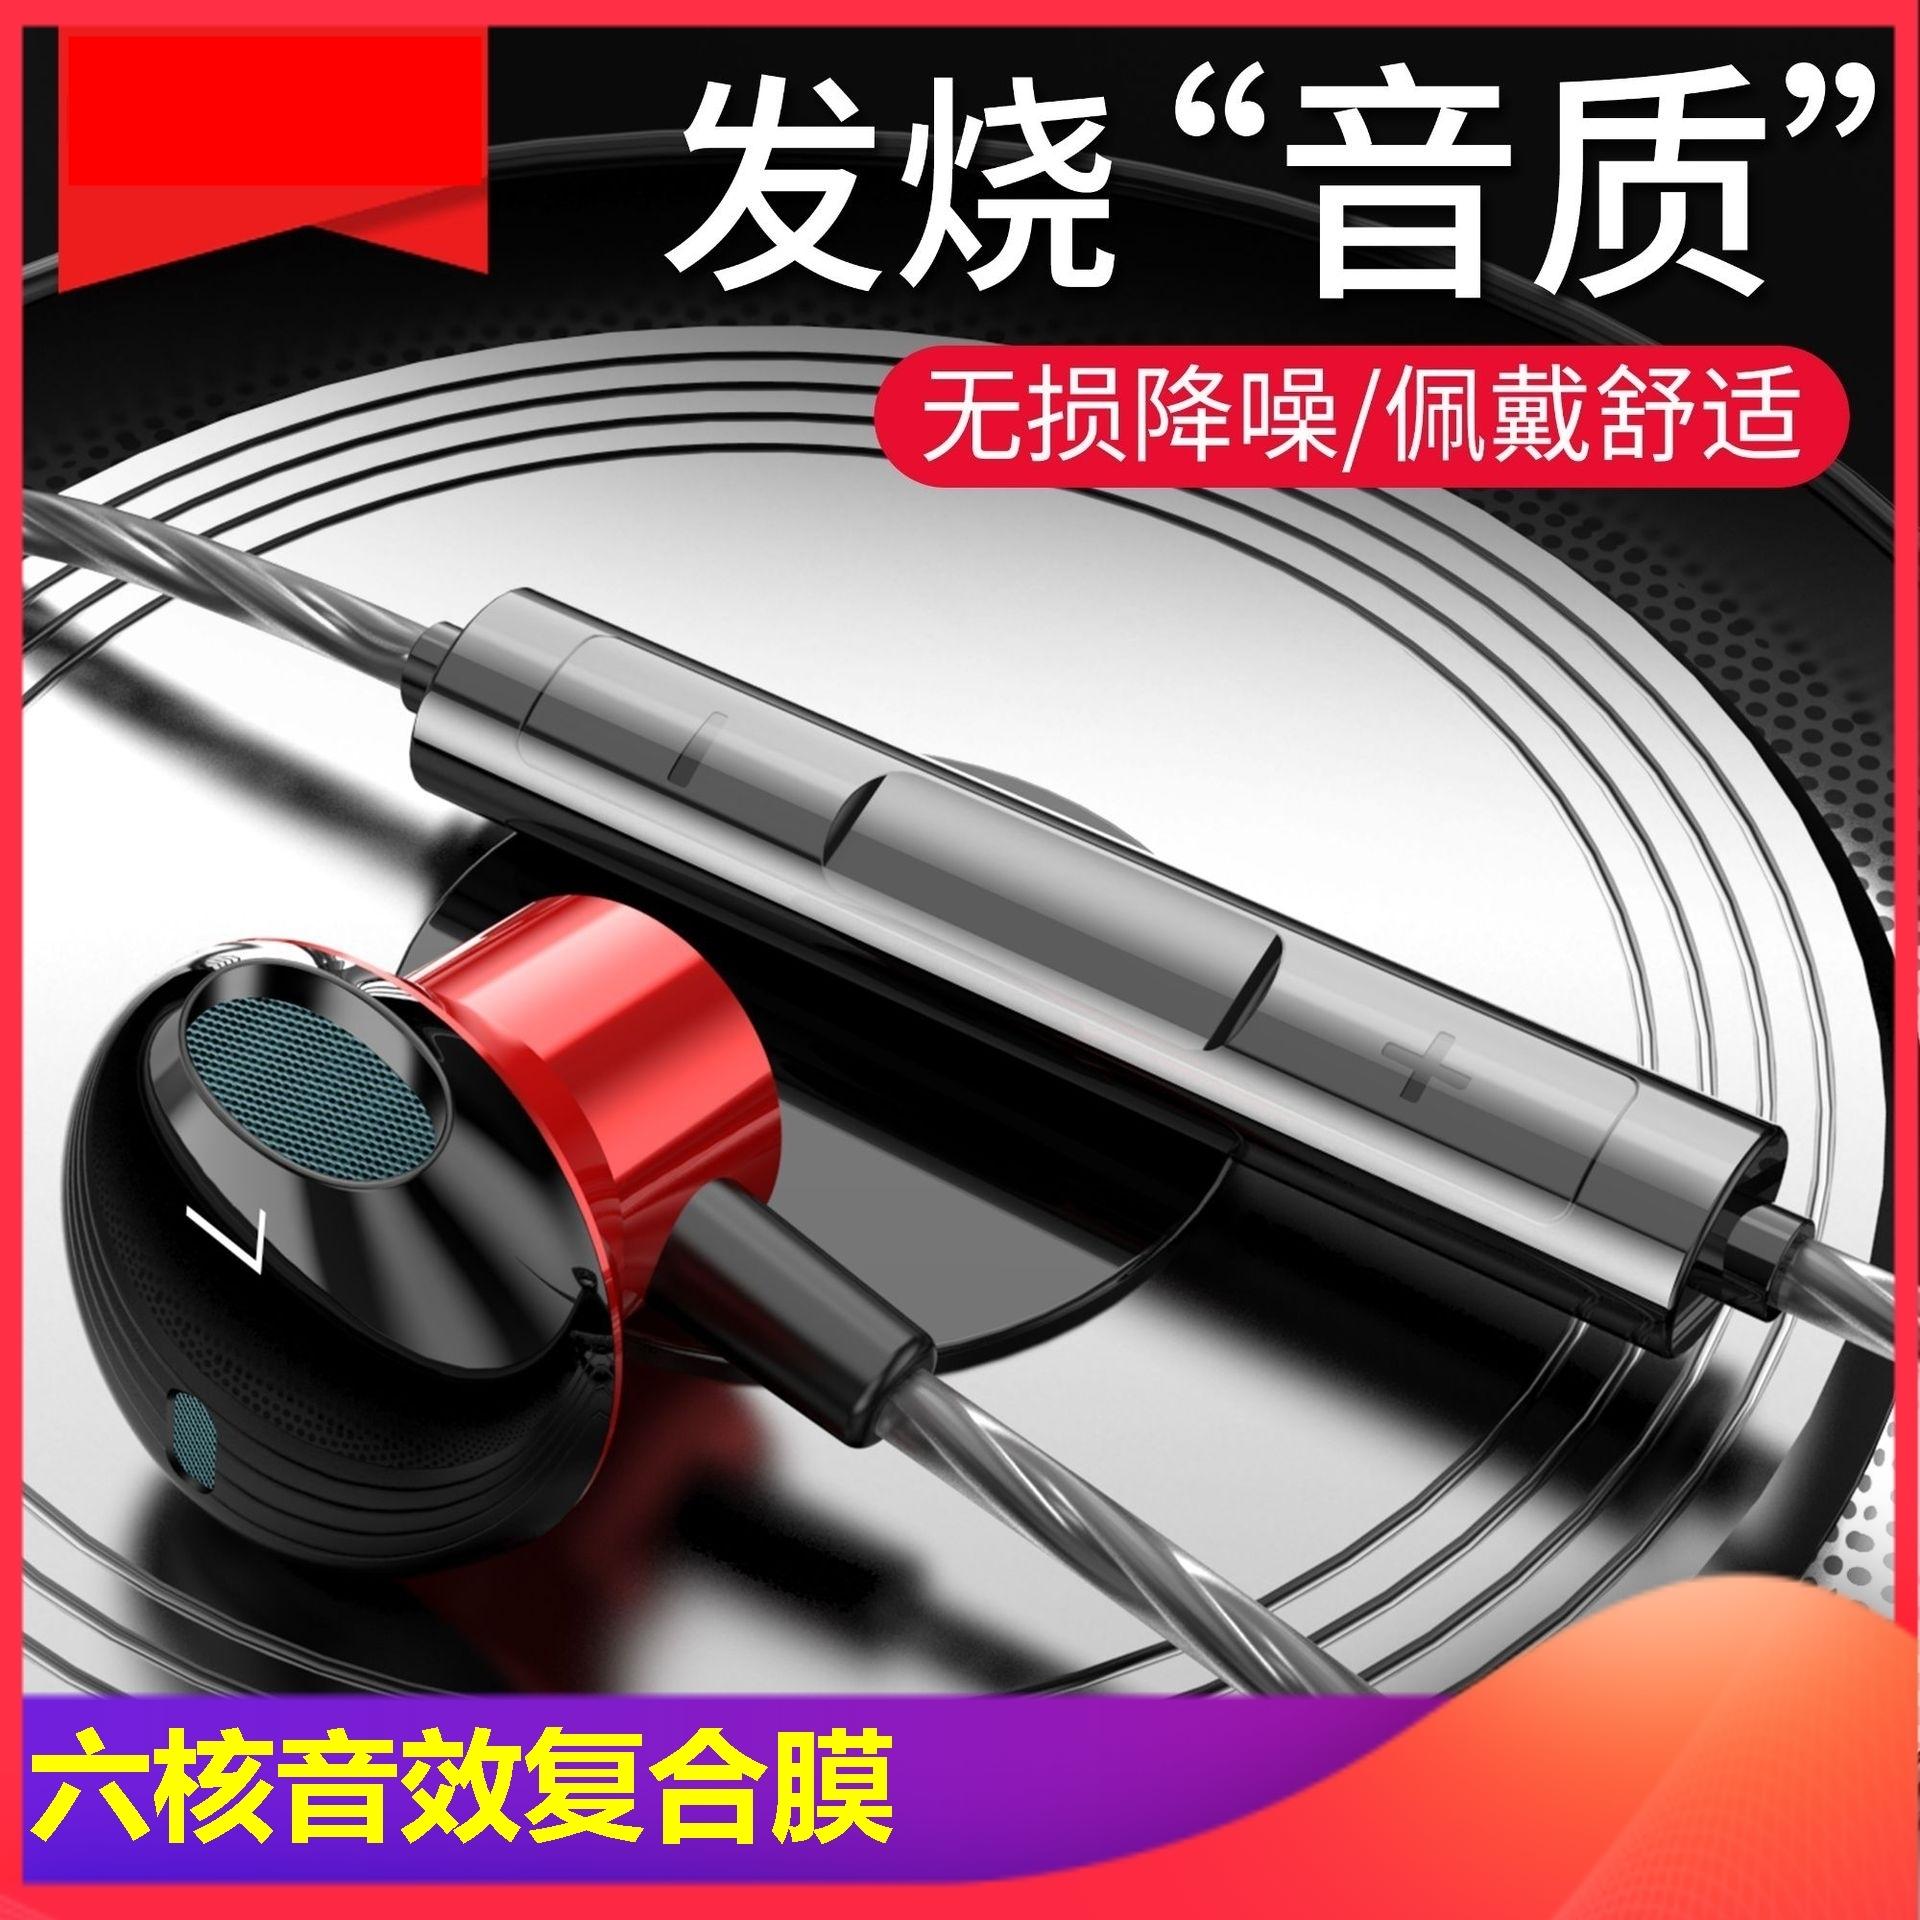 乐檬K3 Note/乐Phone/通用于联想六核耳机手机耳塞入耳式运动